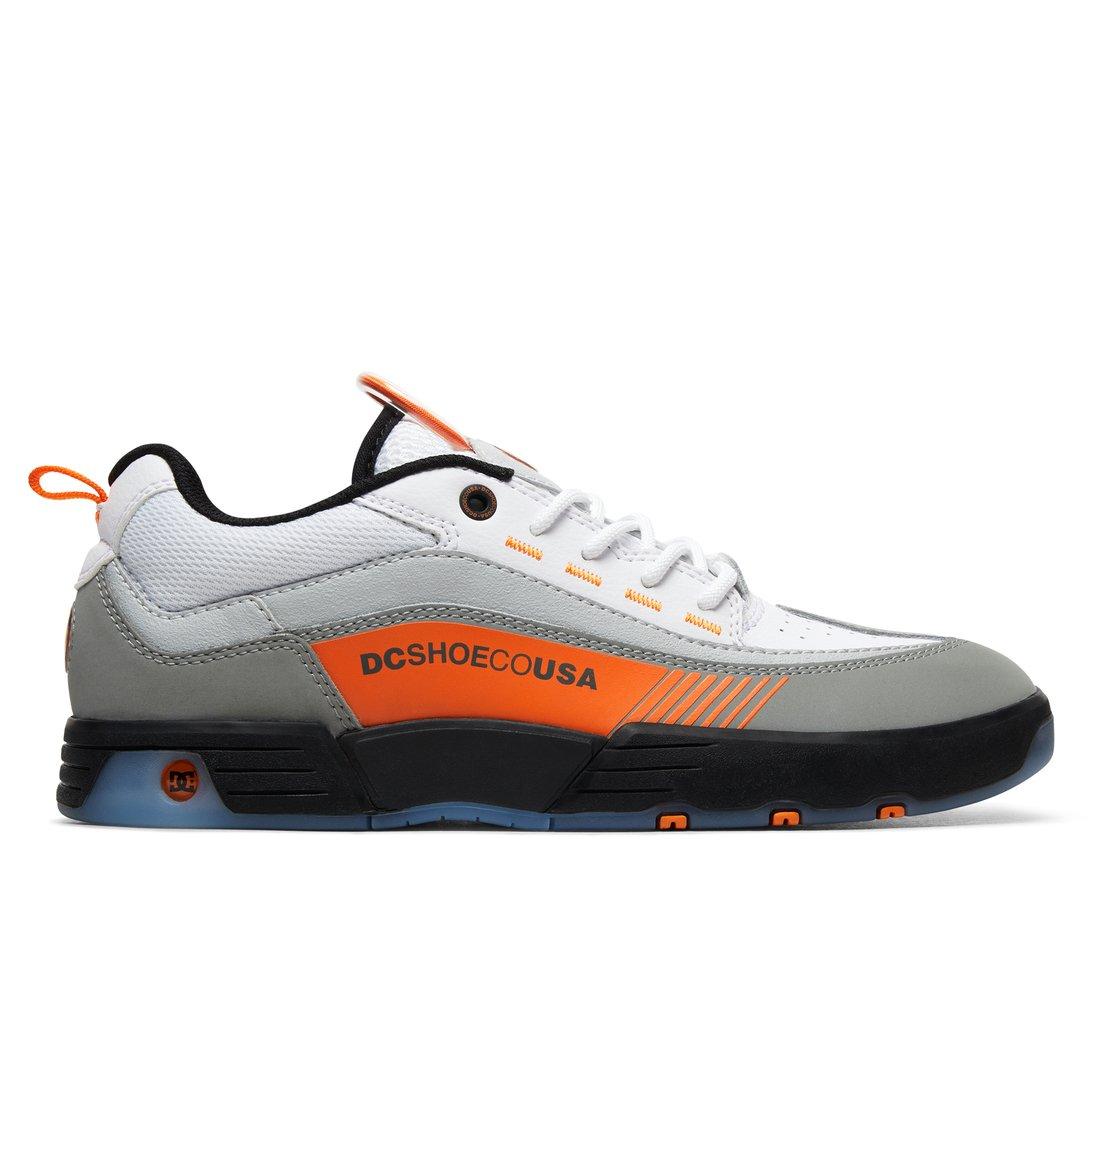 c8bb22c4c8 DC Shoes™ Legacy 98 Slim - Shoes - Men - US 10 - Black